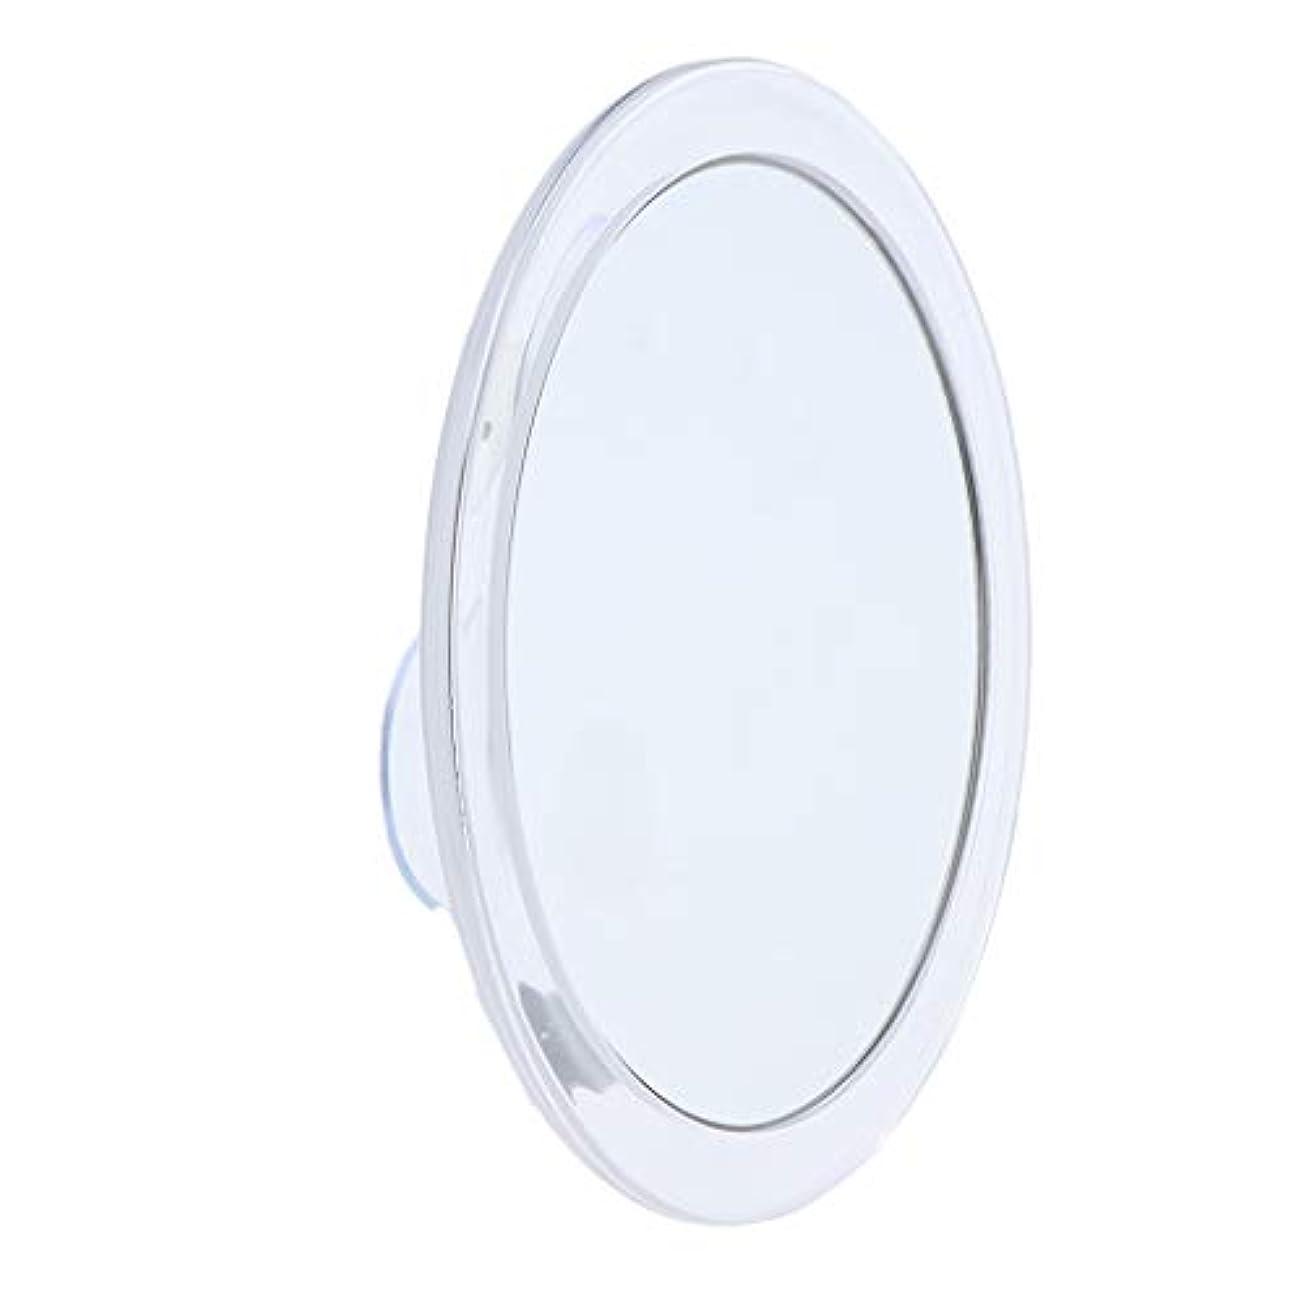 グラマー事実上加速するF Fityle メイクアップミラー 5倍 拡大鏡 サクションカップ ミラー 化粧鏡